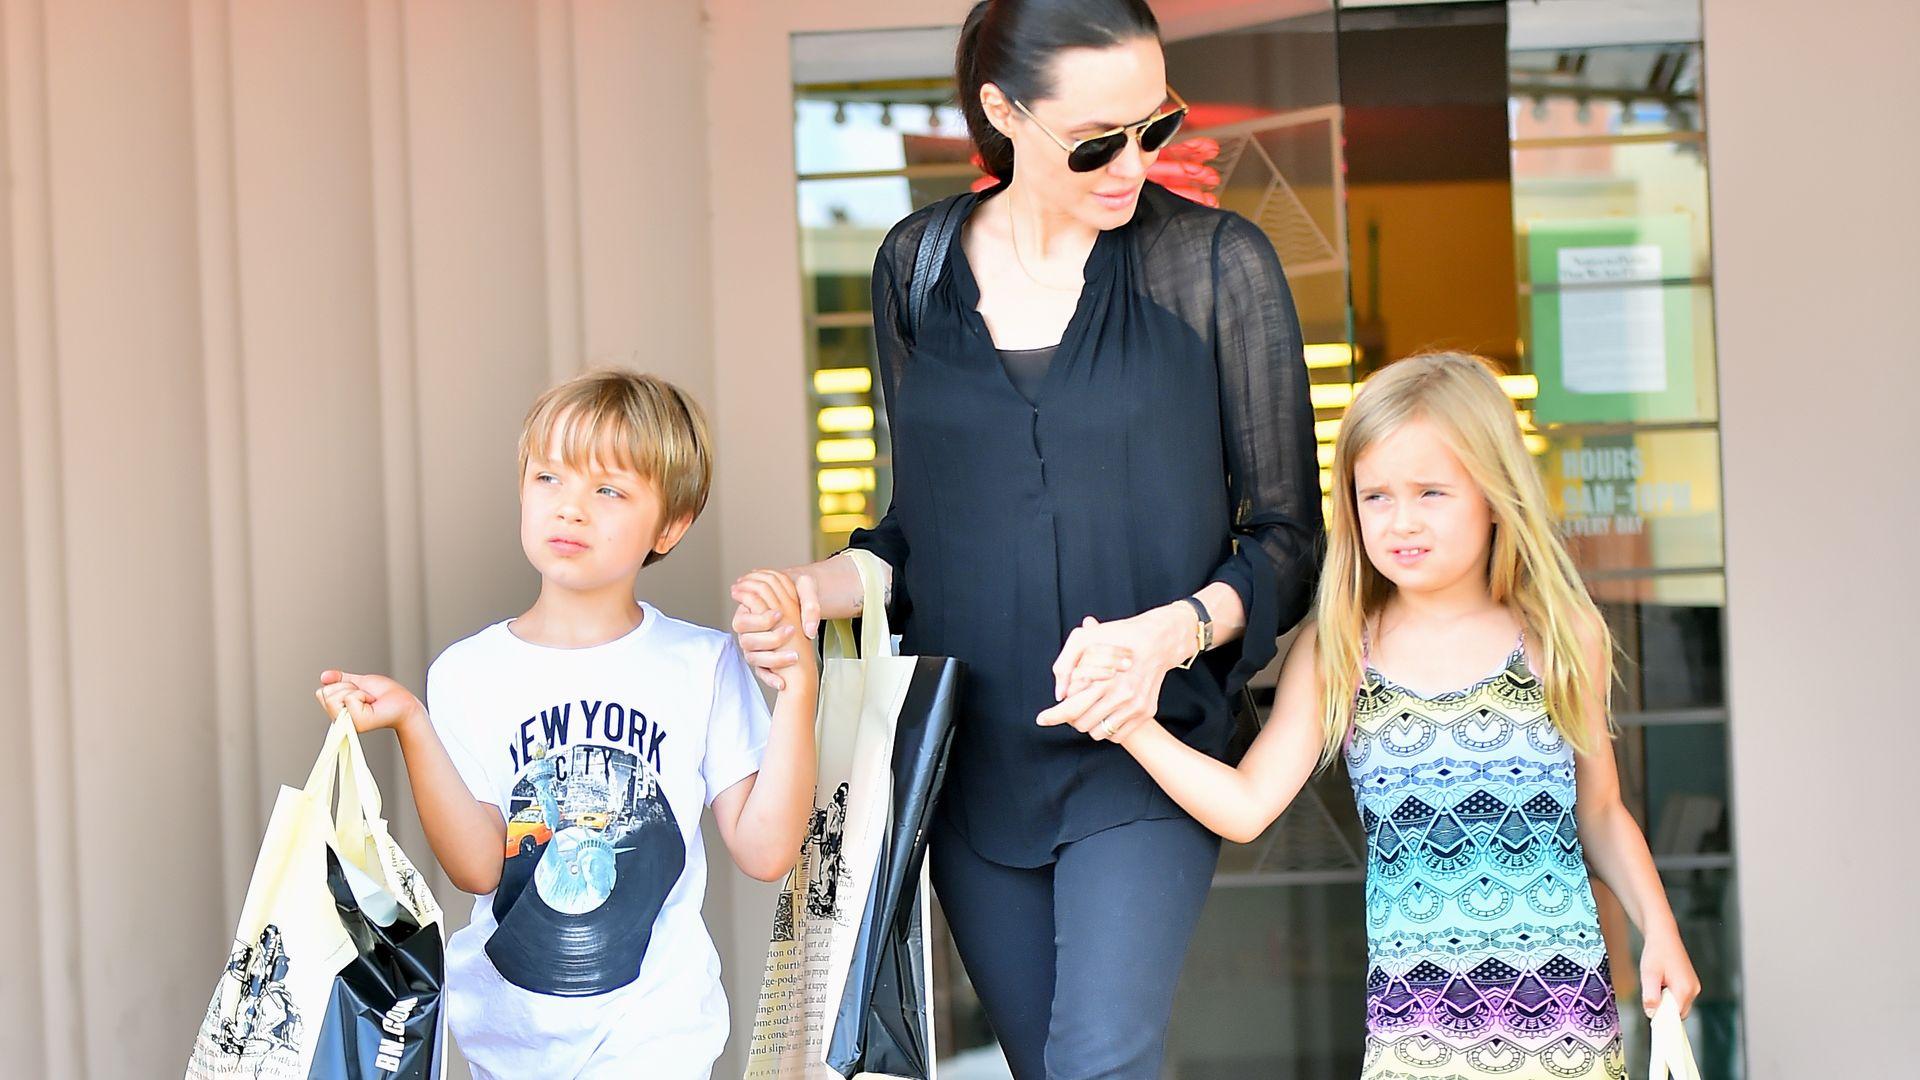 Leseratten: Angelina Jolie und ihre Twins stürmen Buchladen ...